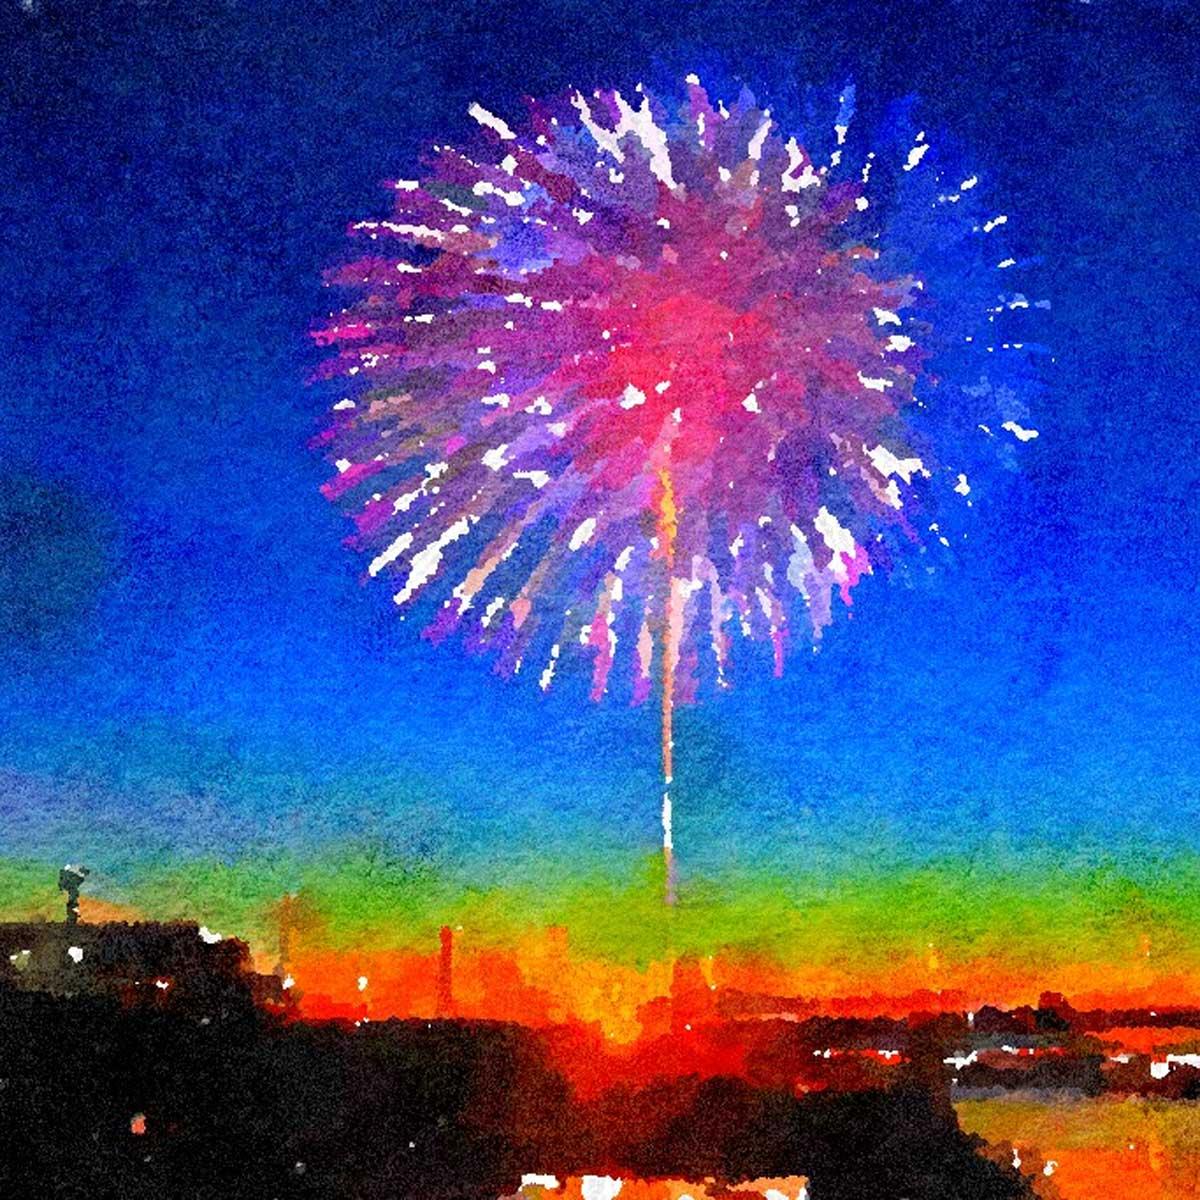 初冬琵琶湖に映える花火